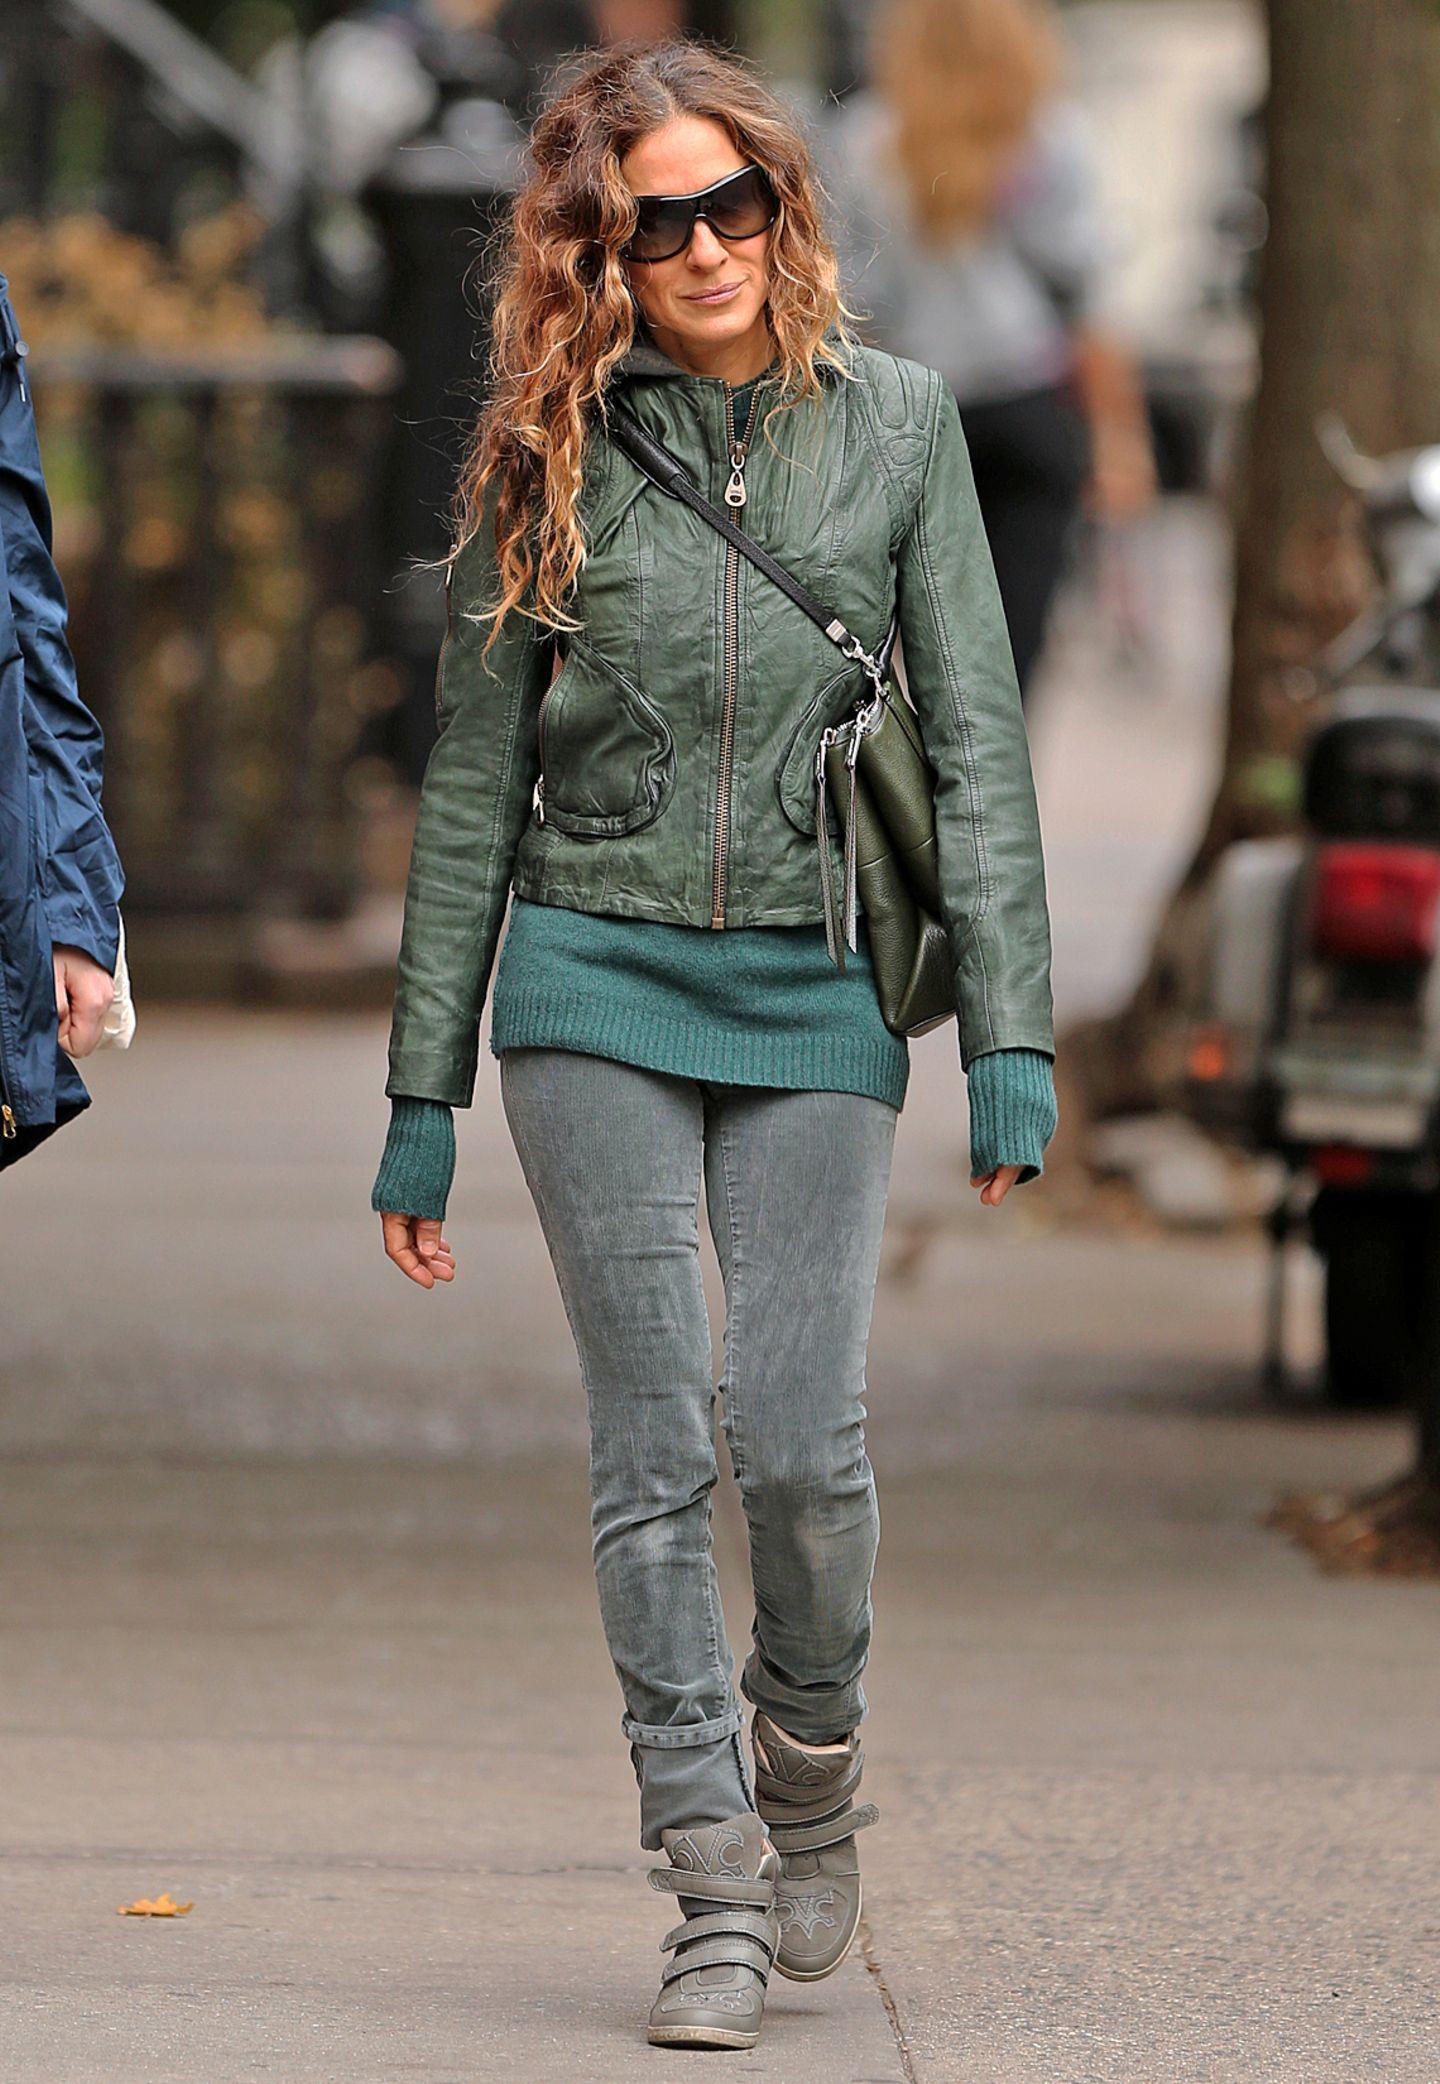 Sarah Jessica Parker setzt den Leder-Look herbstlich in Szene: Ihre Grün-Kombination aus Lederjacke und Strickpullover ist sehr funktional und casual.